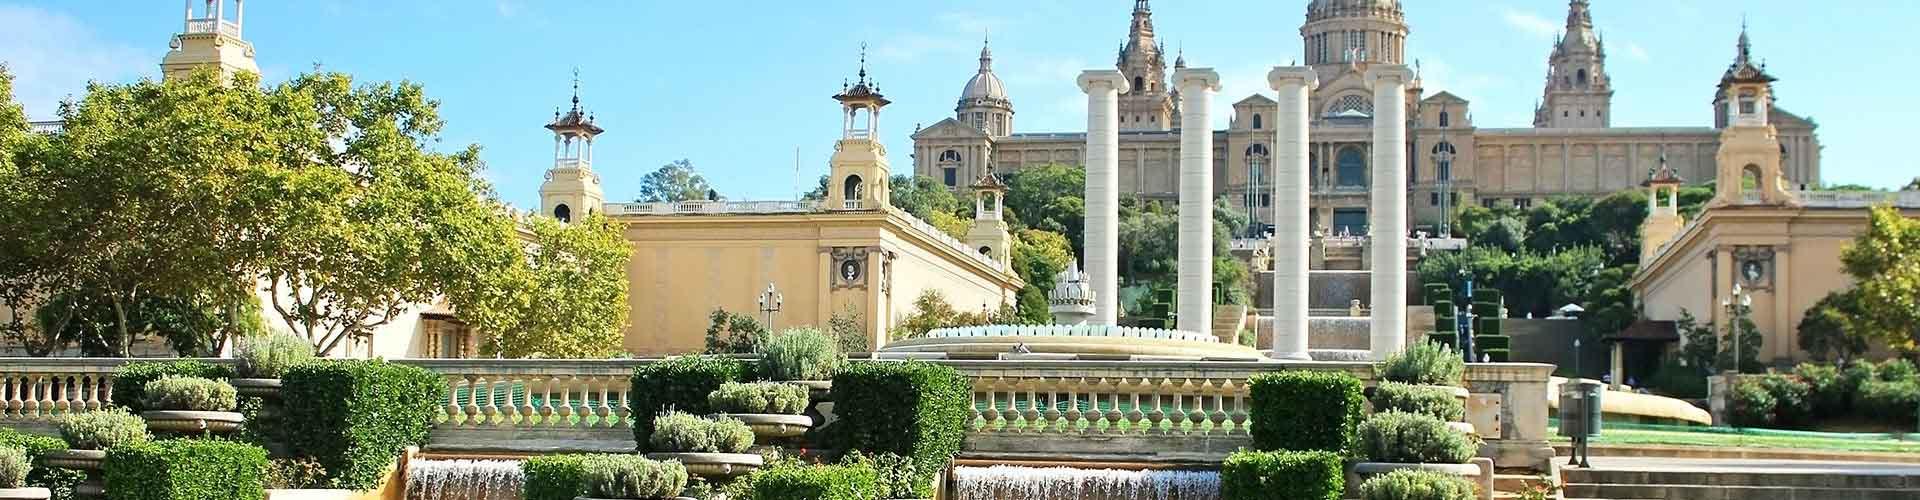 Barcelona – Hostels in Barcelona. Barcelona auf der Karte. Fotos und Bewertungen für jedes Hostel in Barcelona.